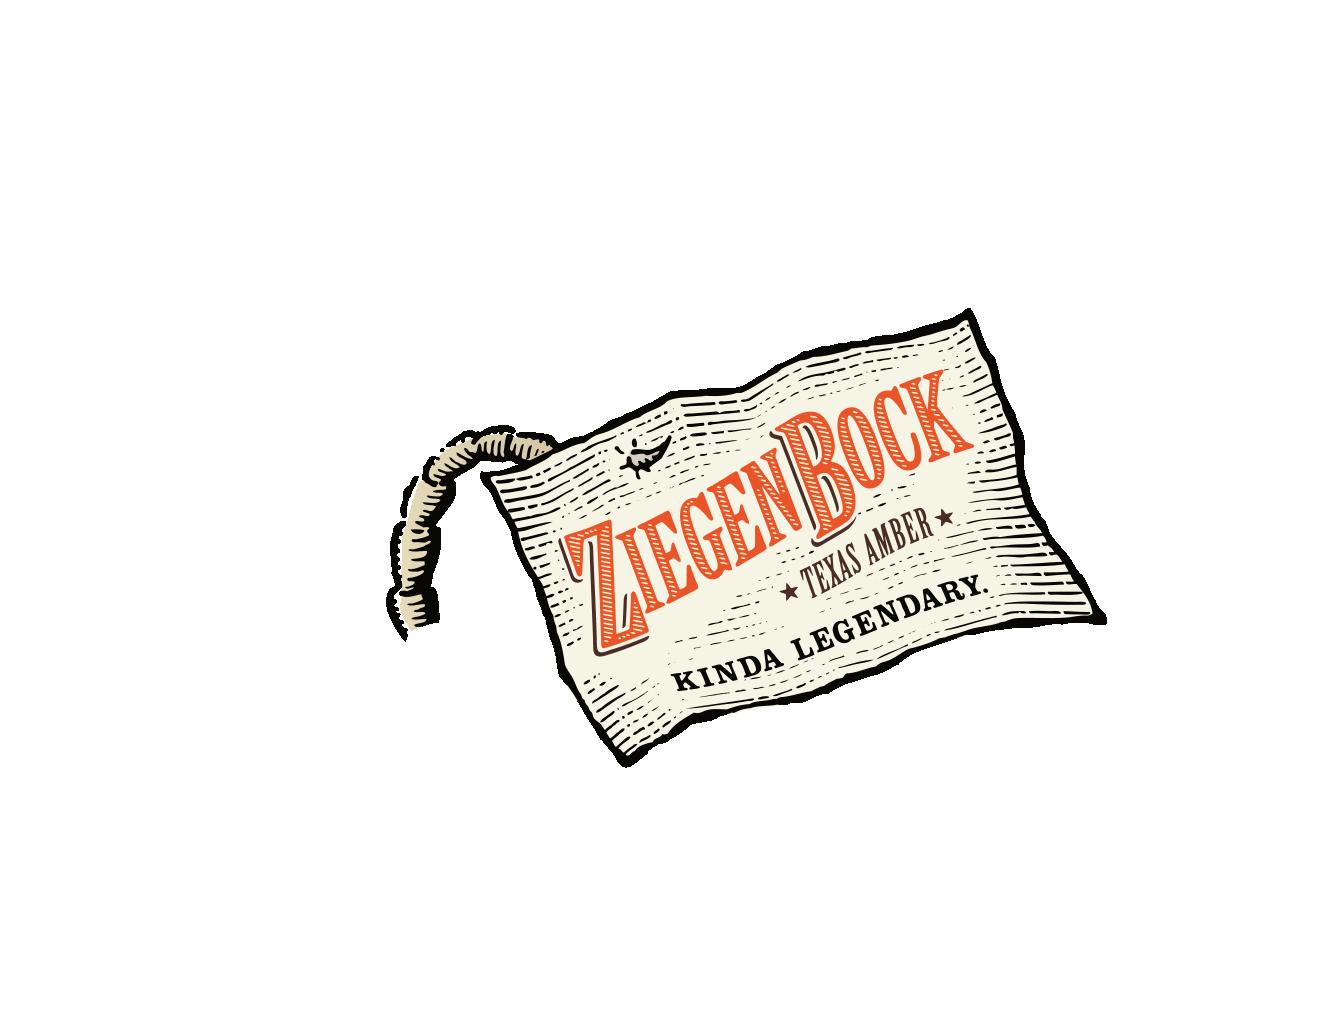 Ziegenbock - Kinda Legendary - PNG Ziegenbock